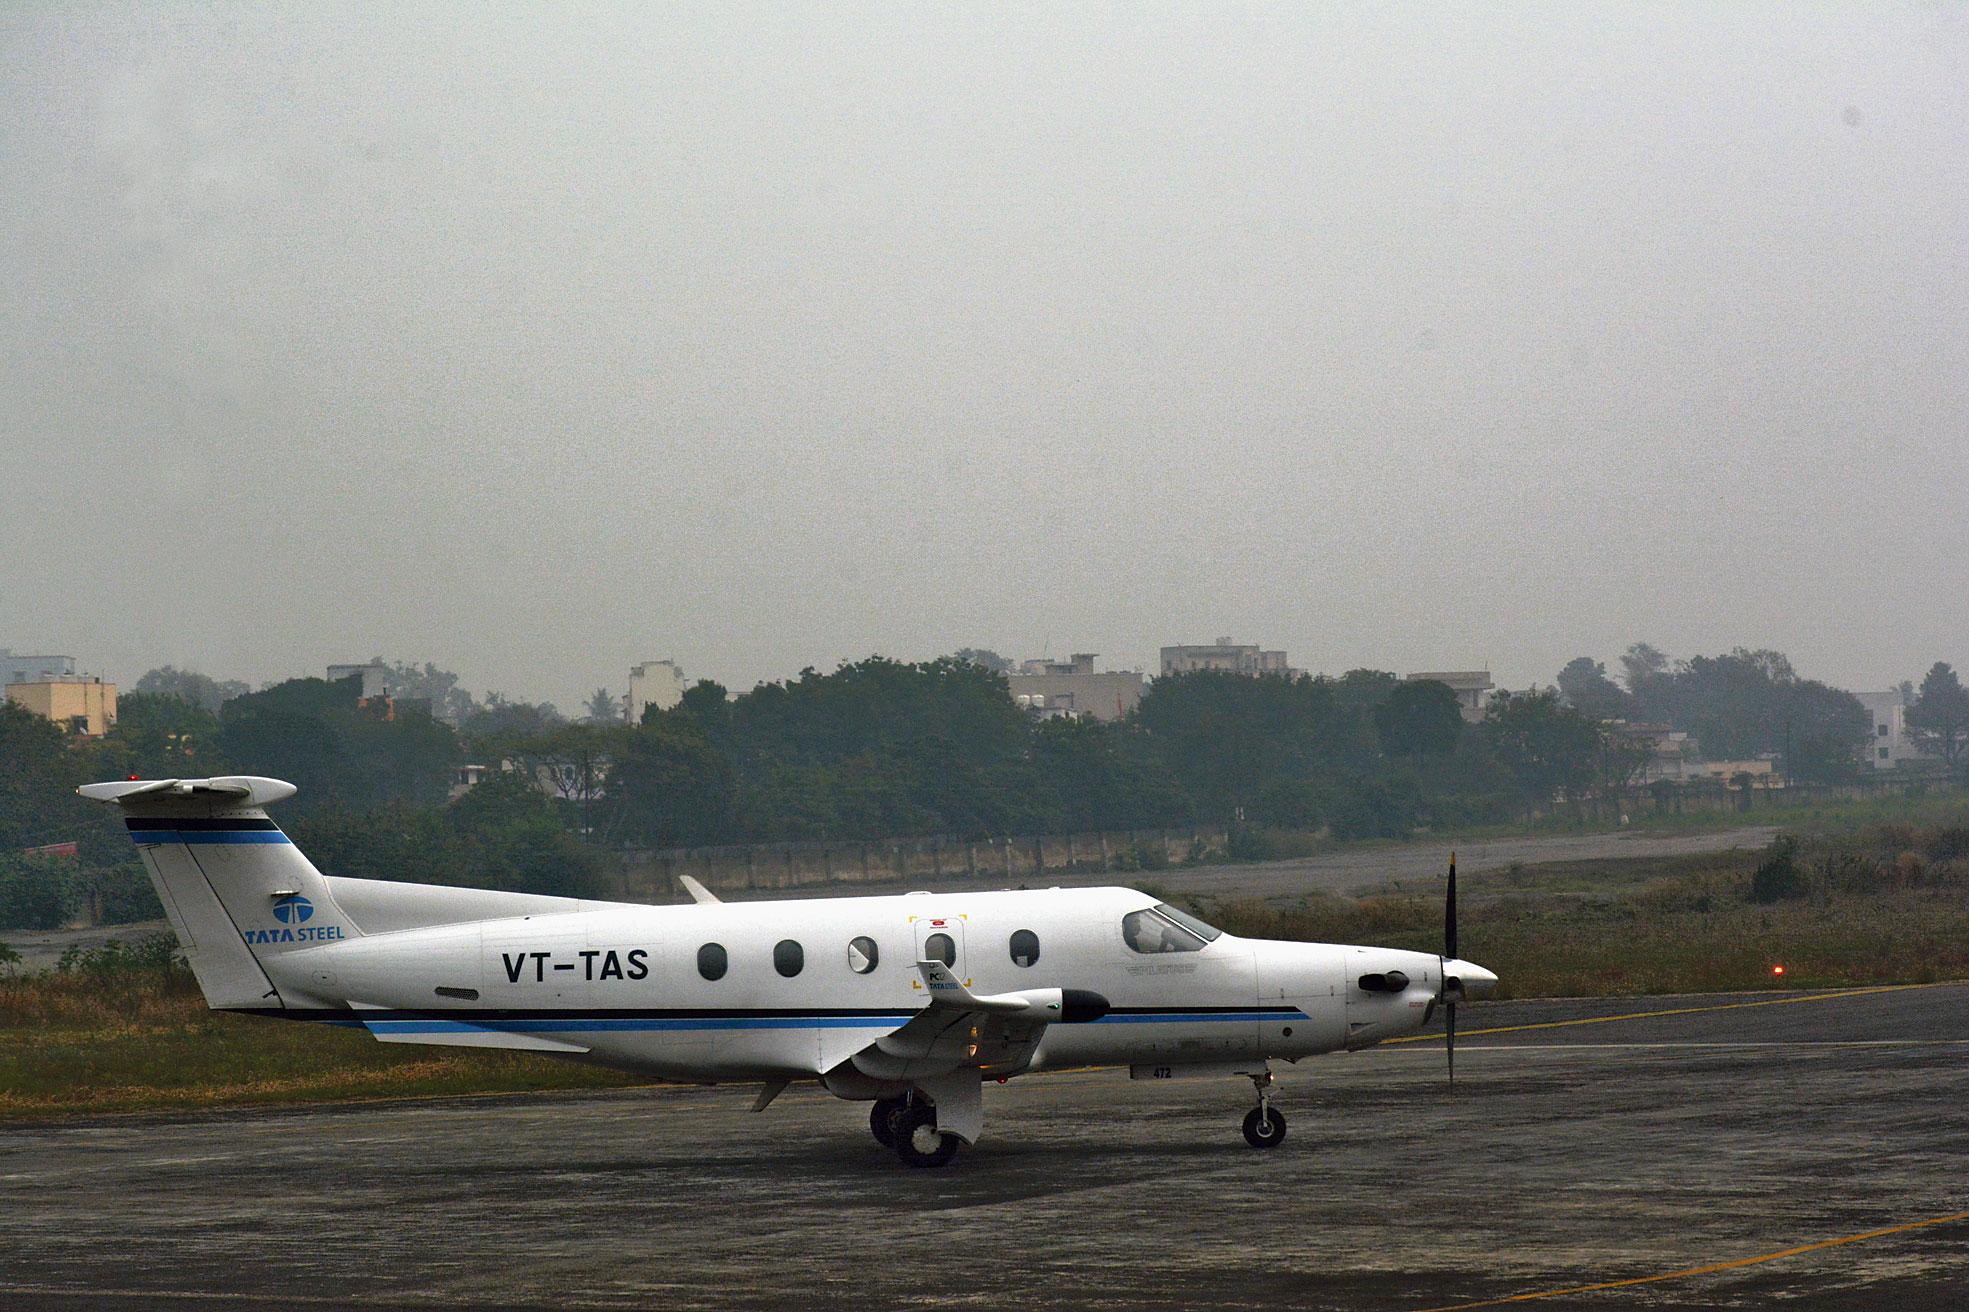 Fog envelops the Sonari aerodrome in Jamshedpur on Thursday.